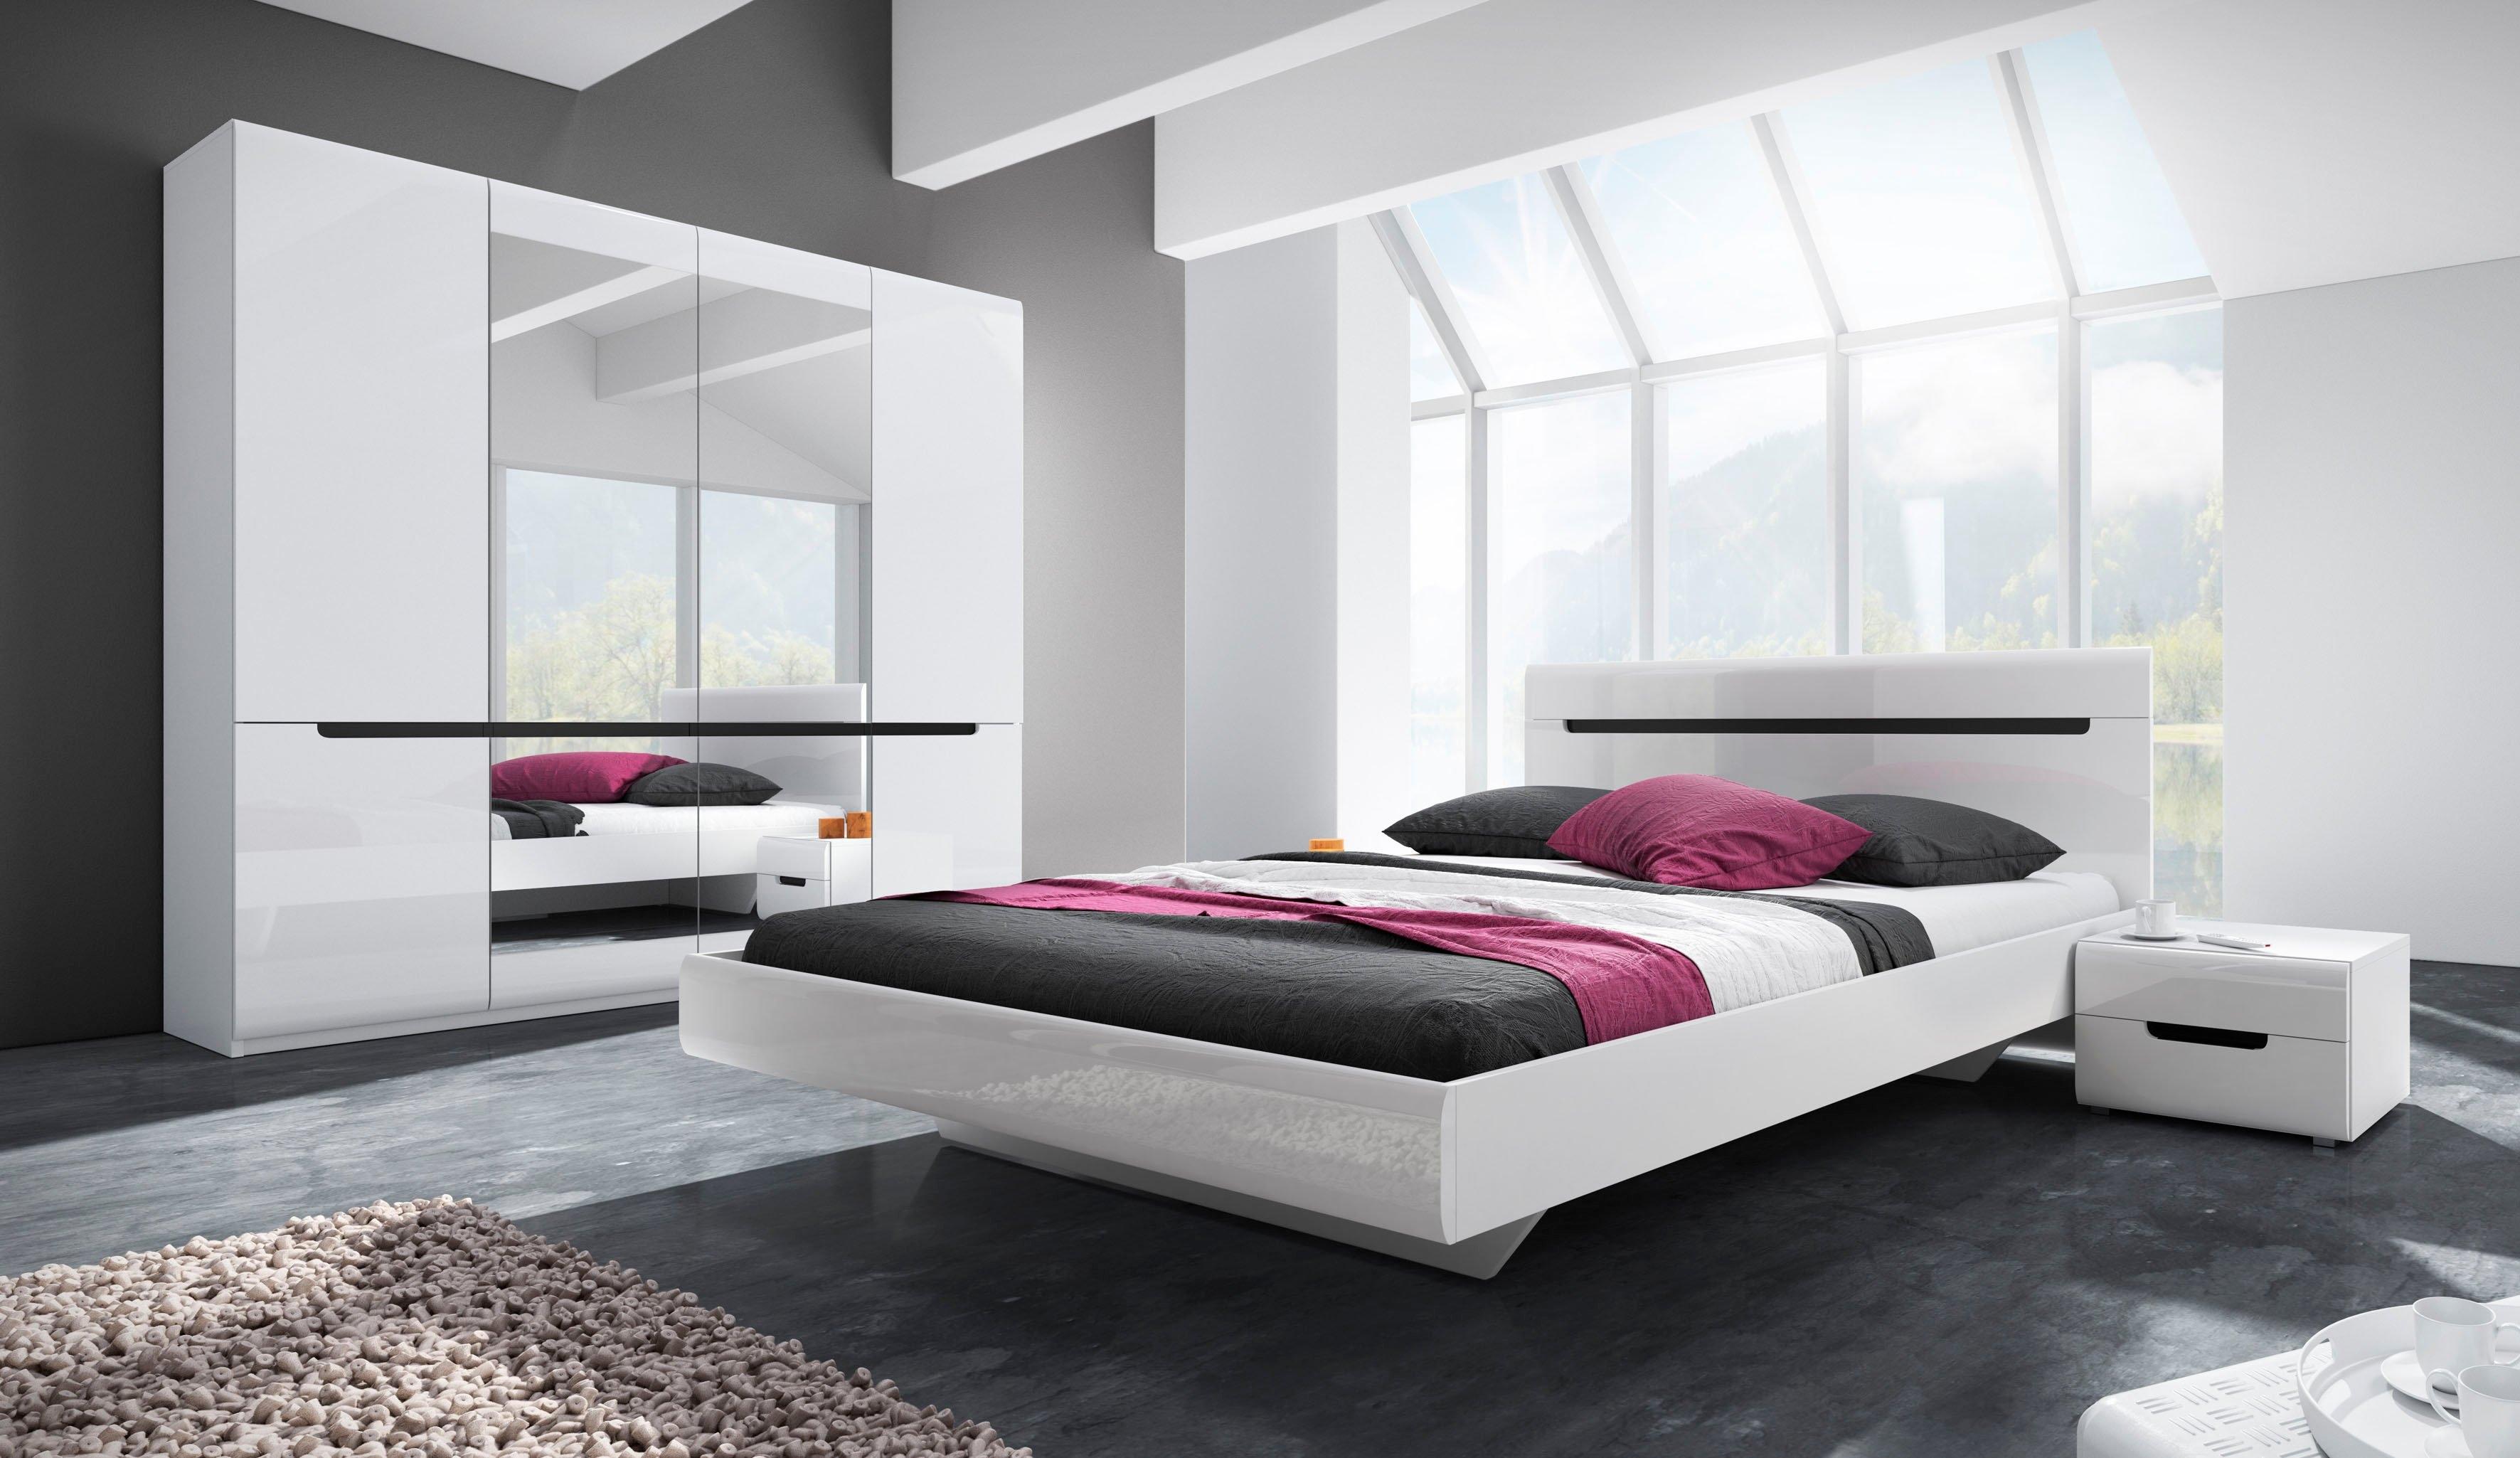 slaapkamerserie Hektor (4 stuks) goedkoop op otto.nl kopen